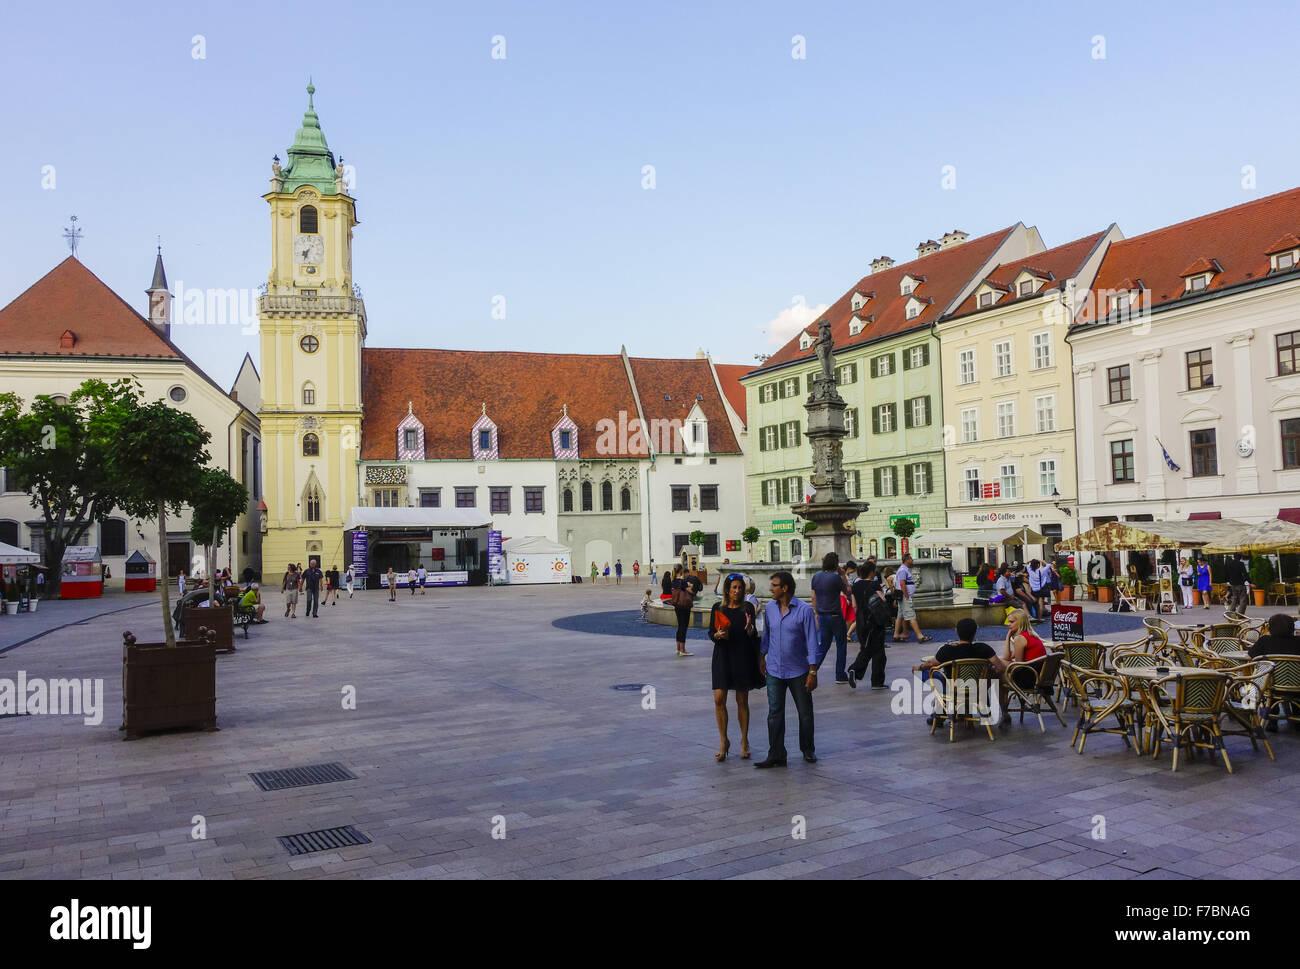 Slowakei, Bratislava, Pressburg, Hauptstadt, Altstadt, Stadtzentrum Stockbild